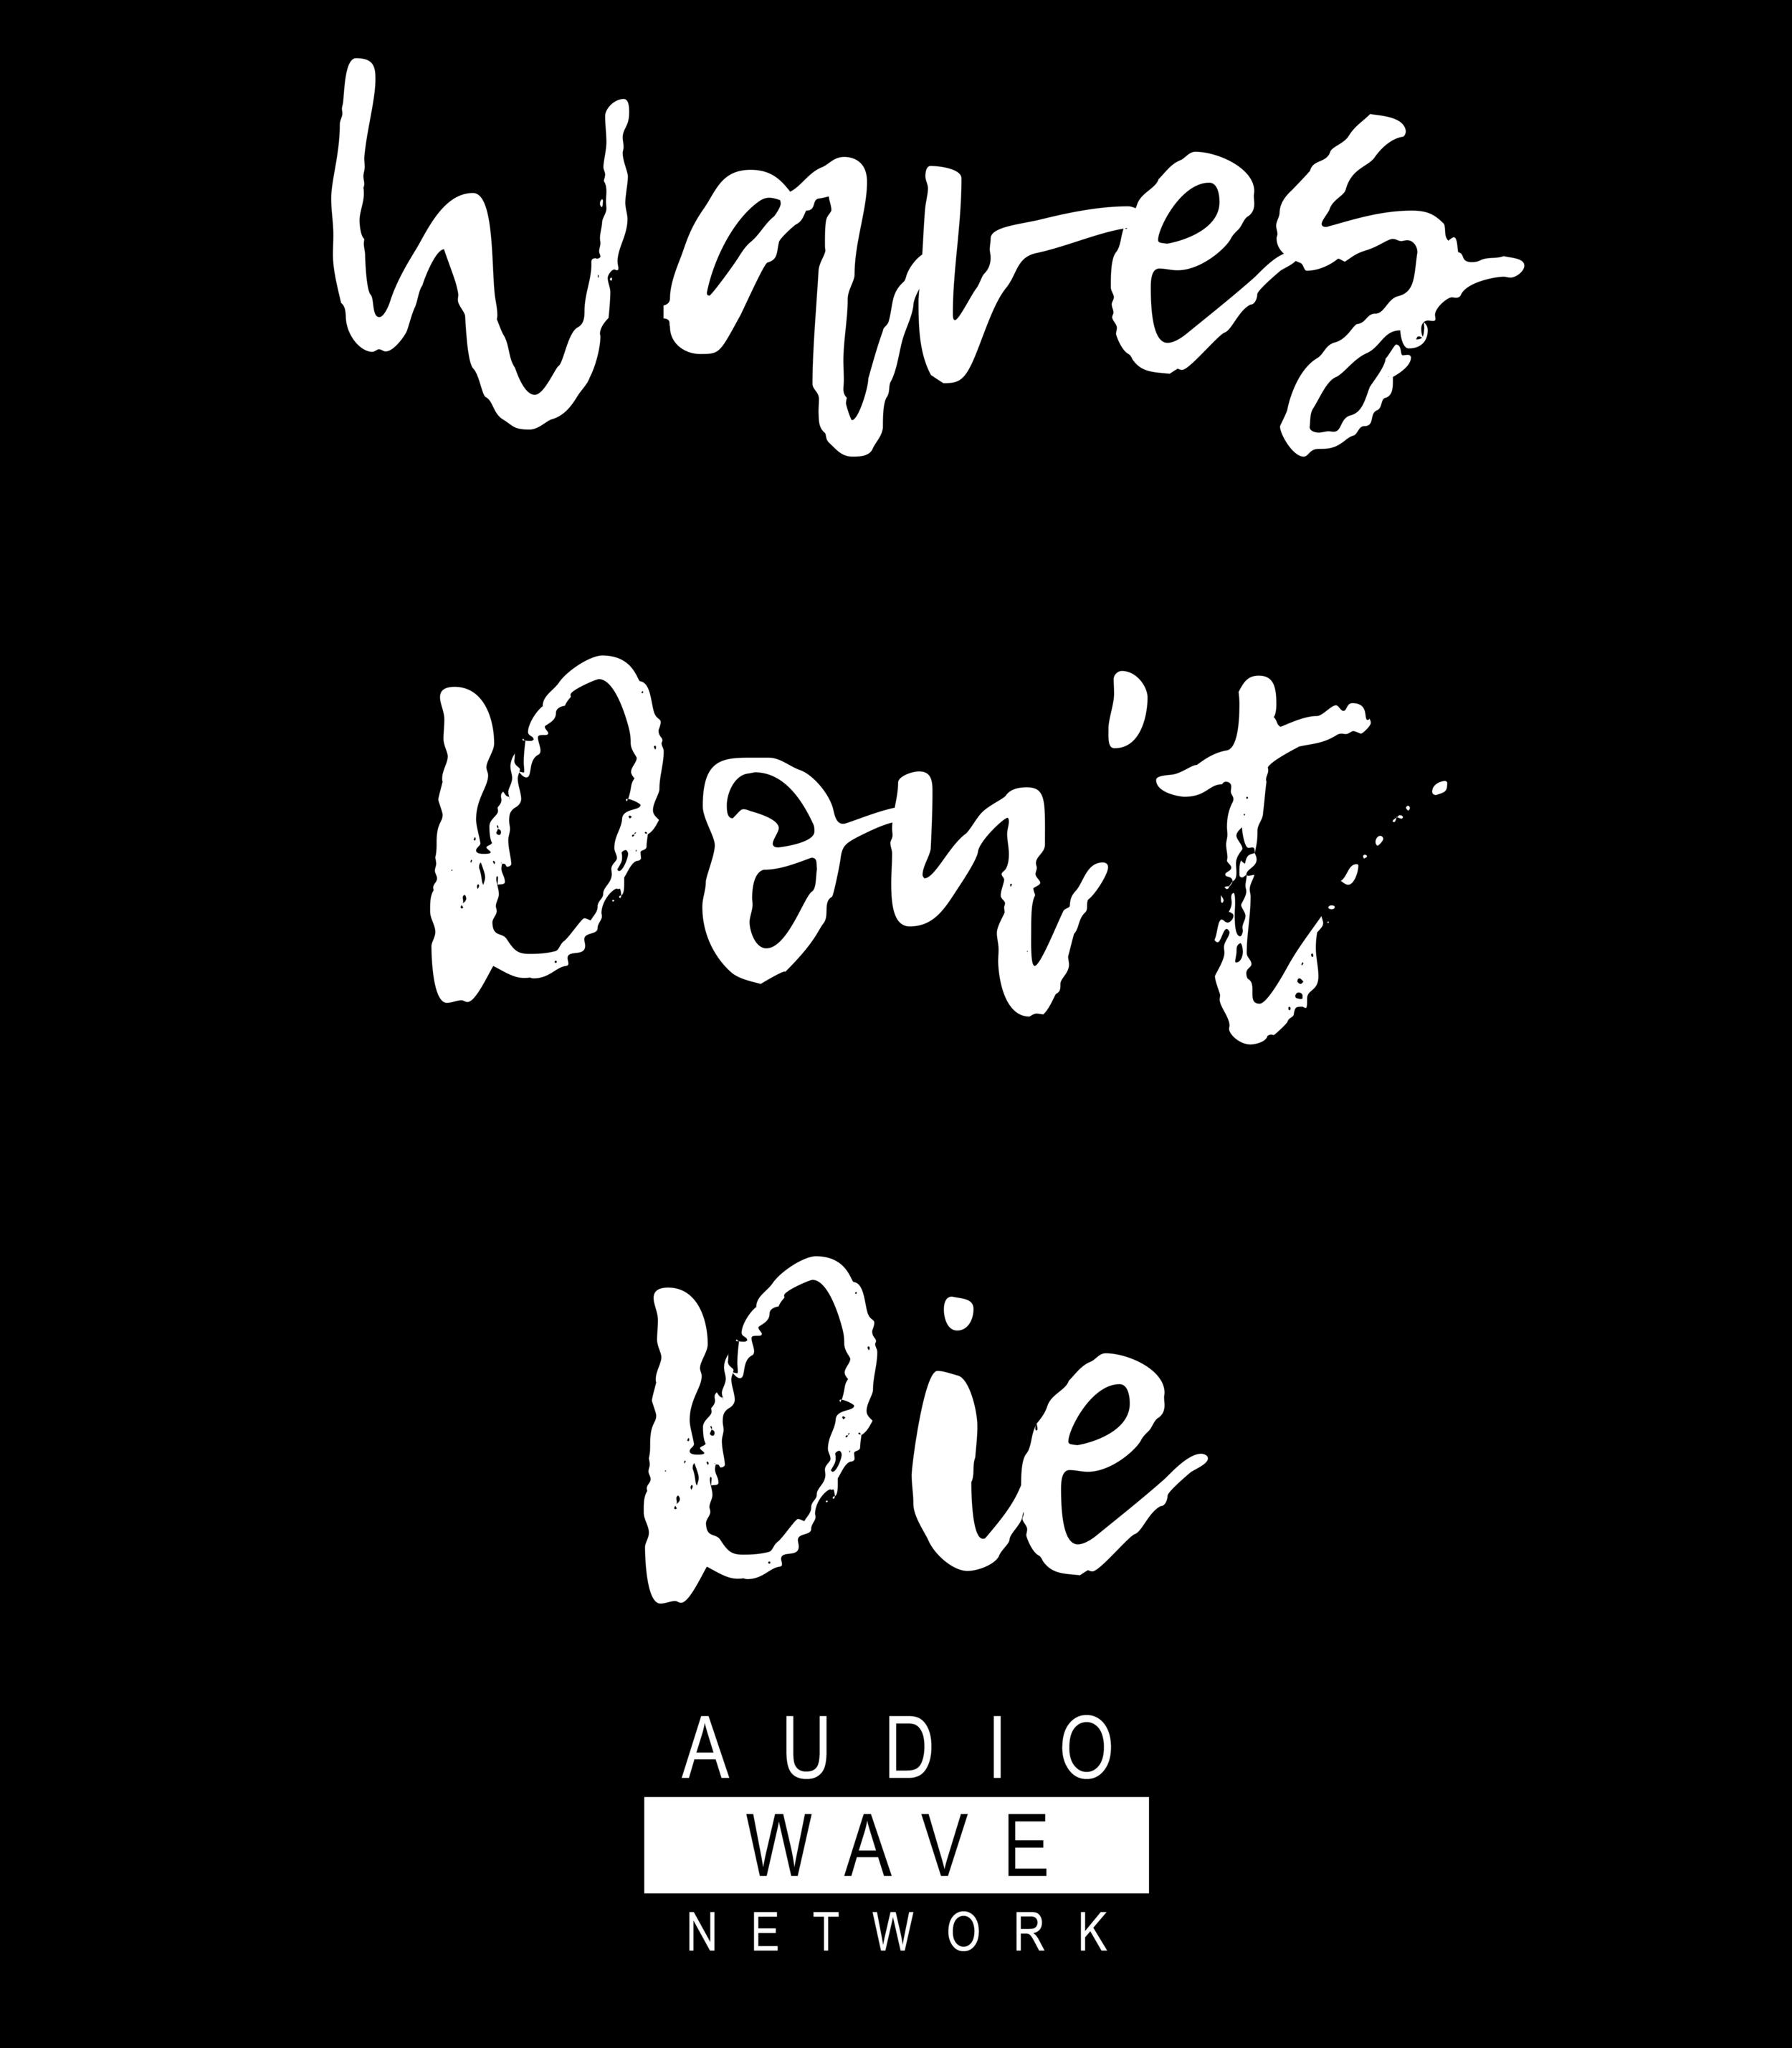 WavesDon'tDie (1).png